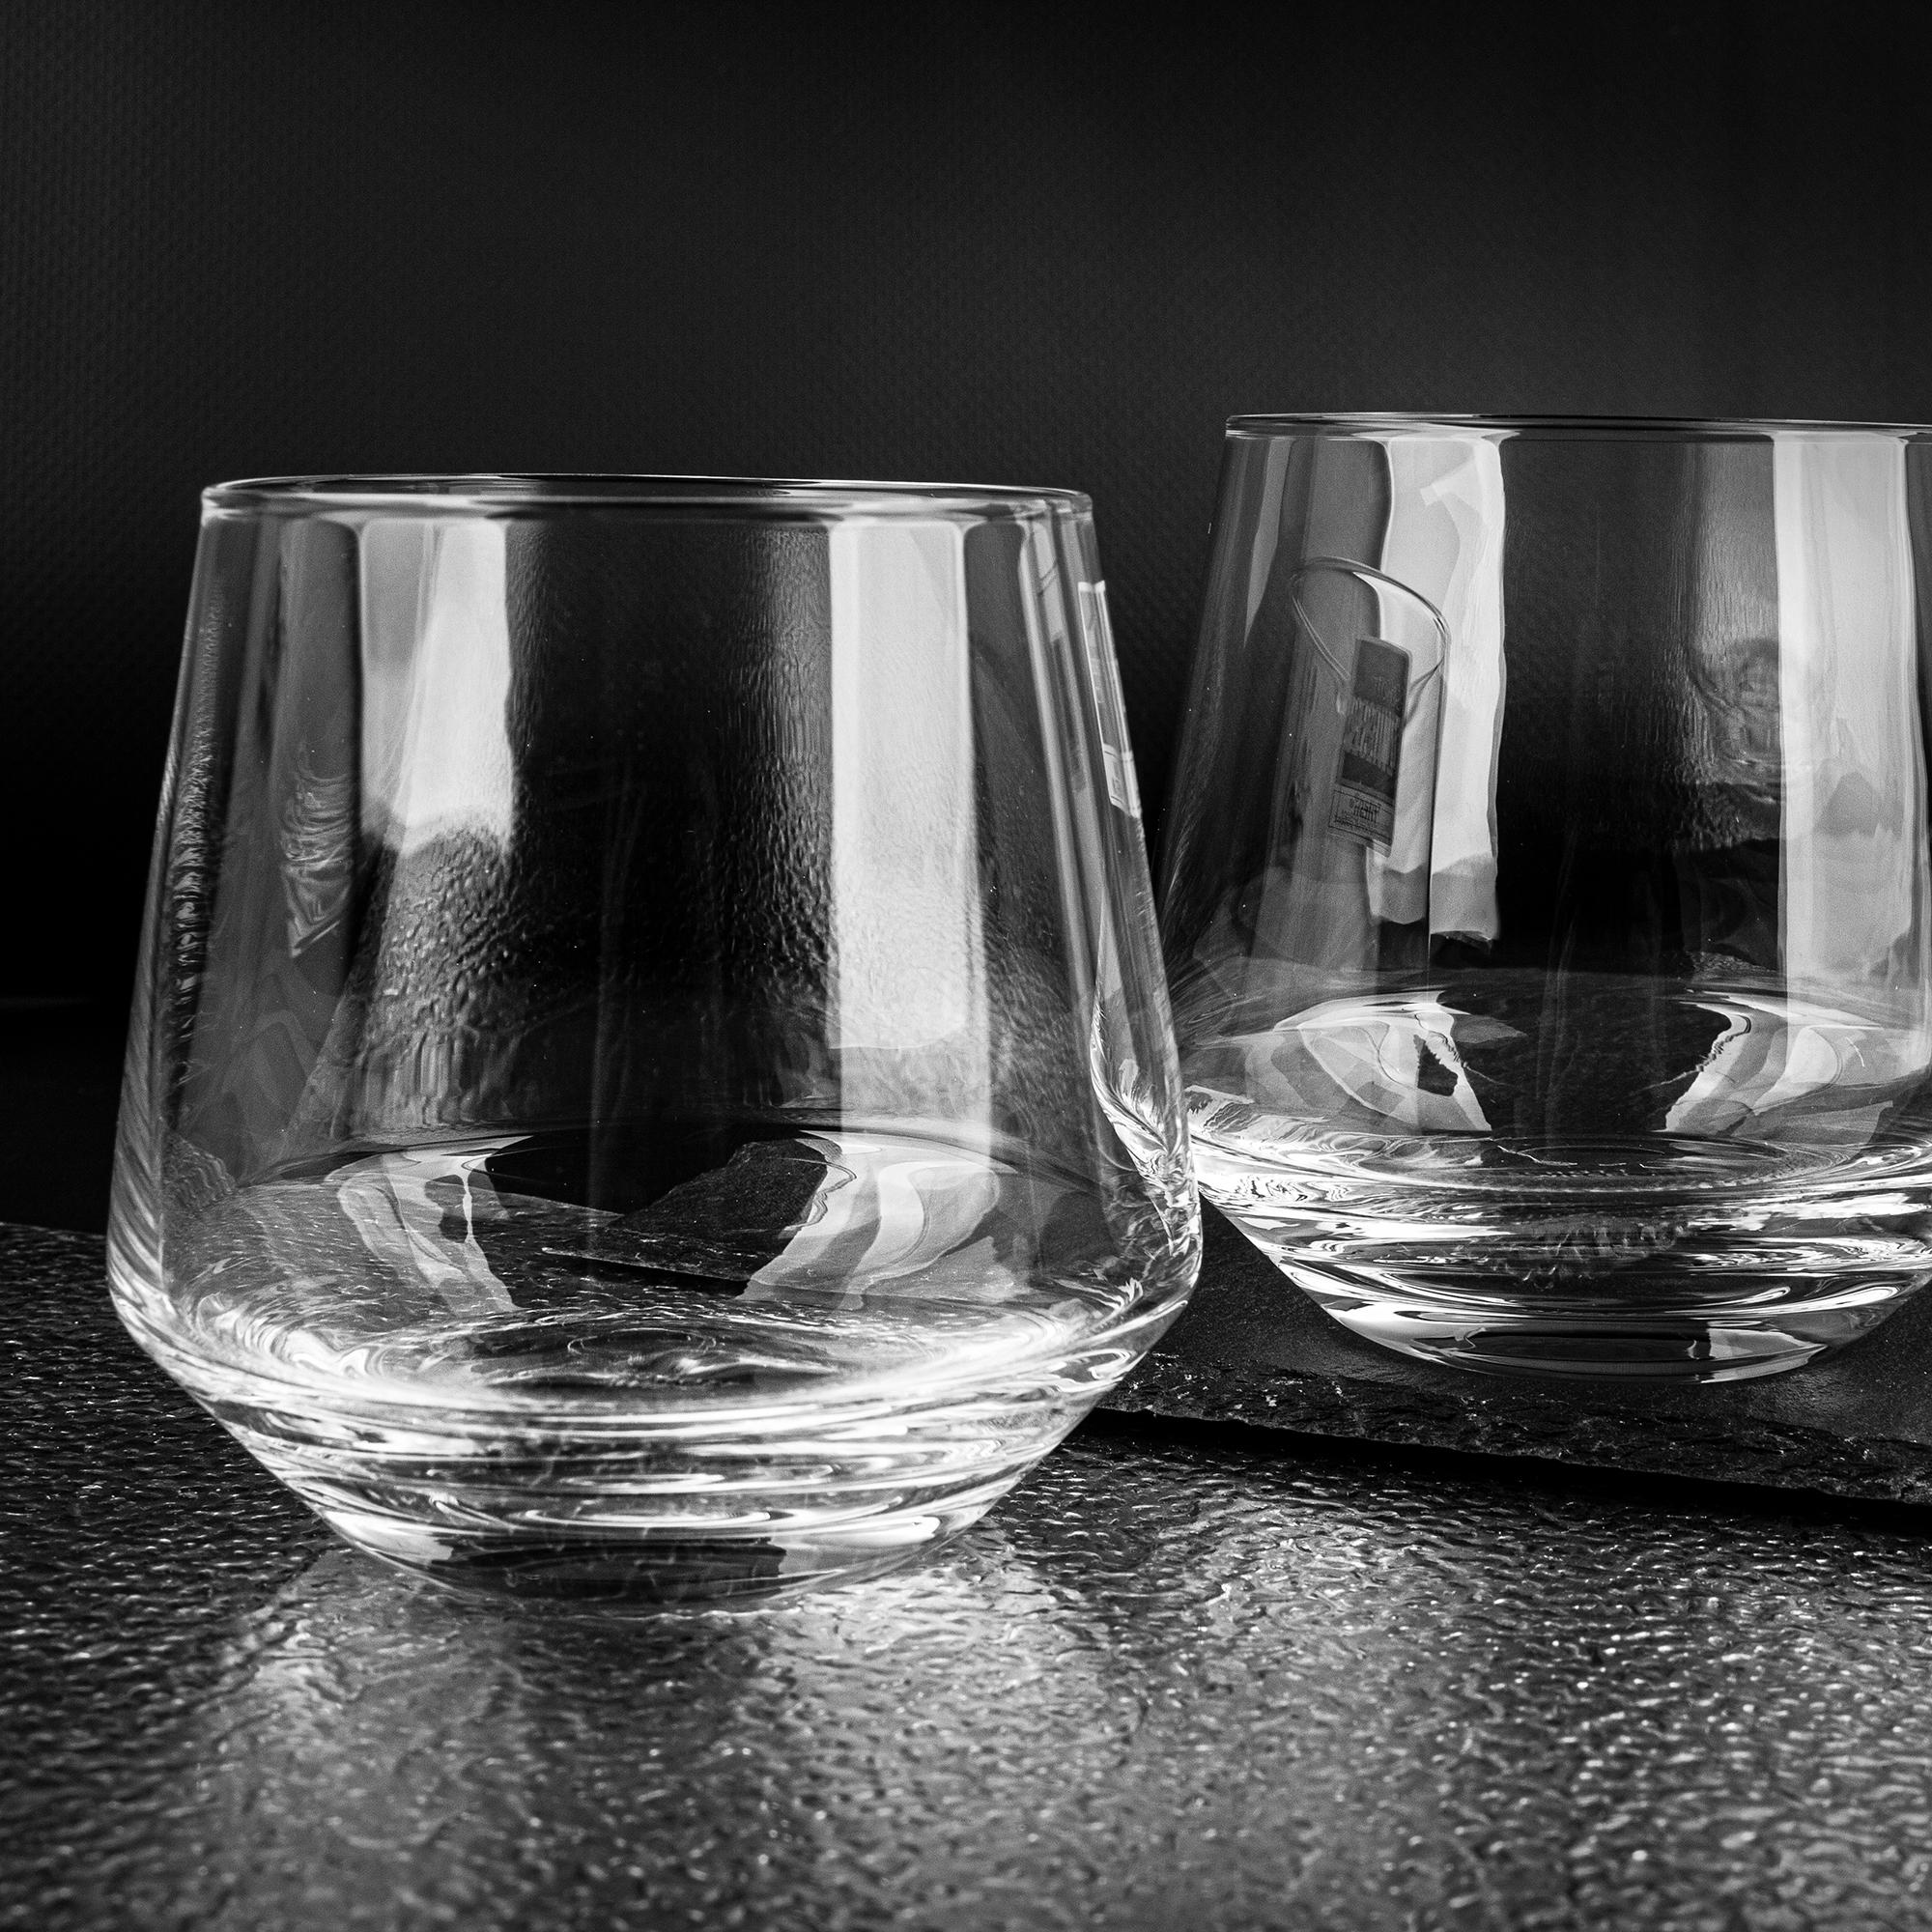 Фото - Набор стаканов для виски 389 мл, 2 шт, Pure набор стаканов для виски pure 389 мл